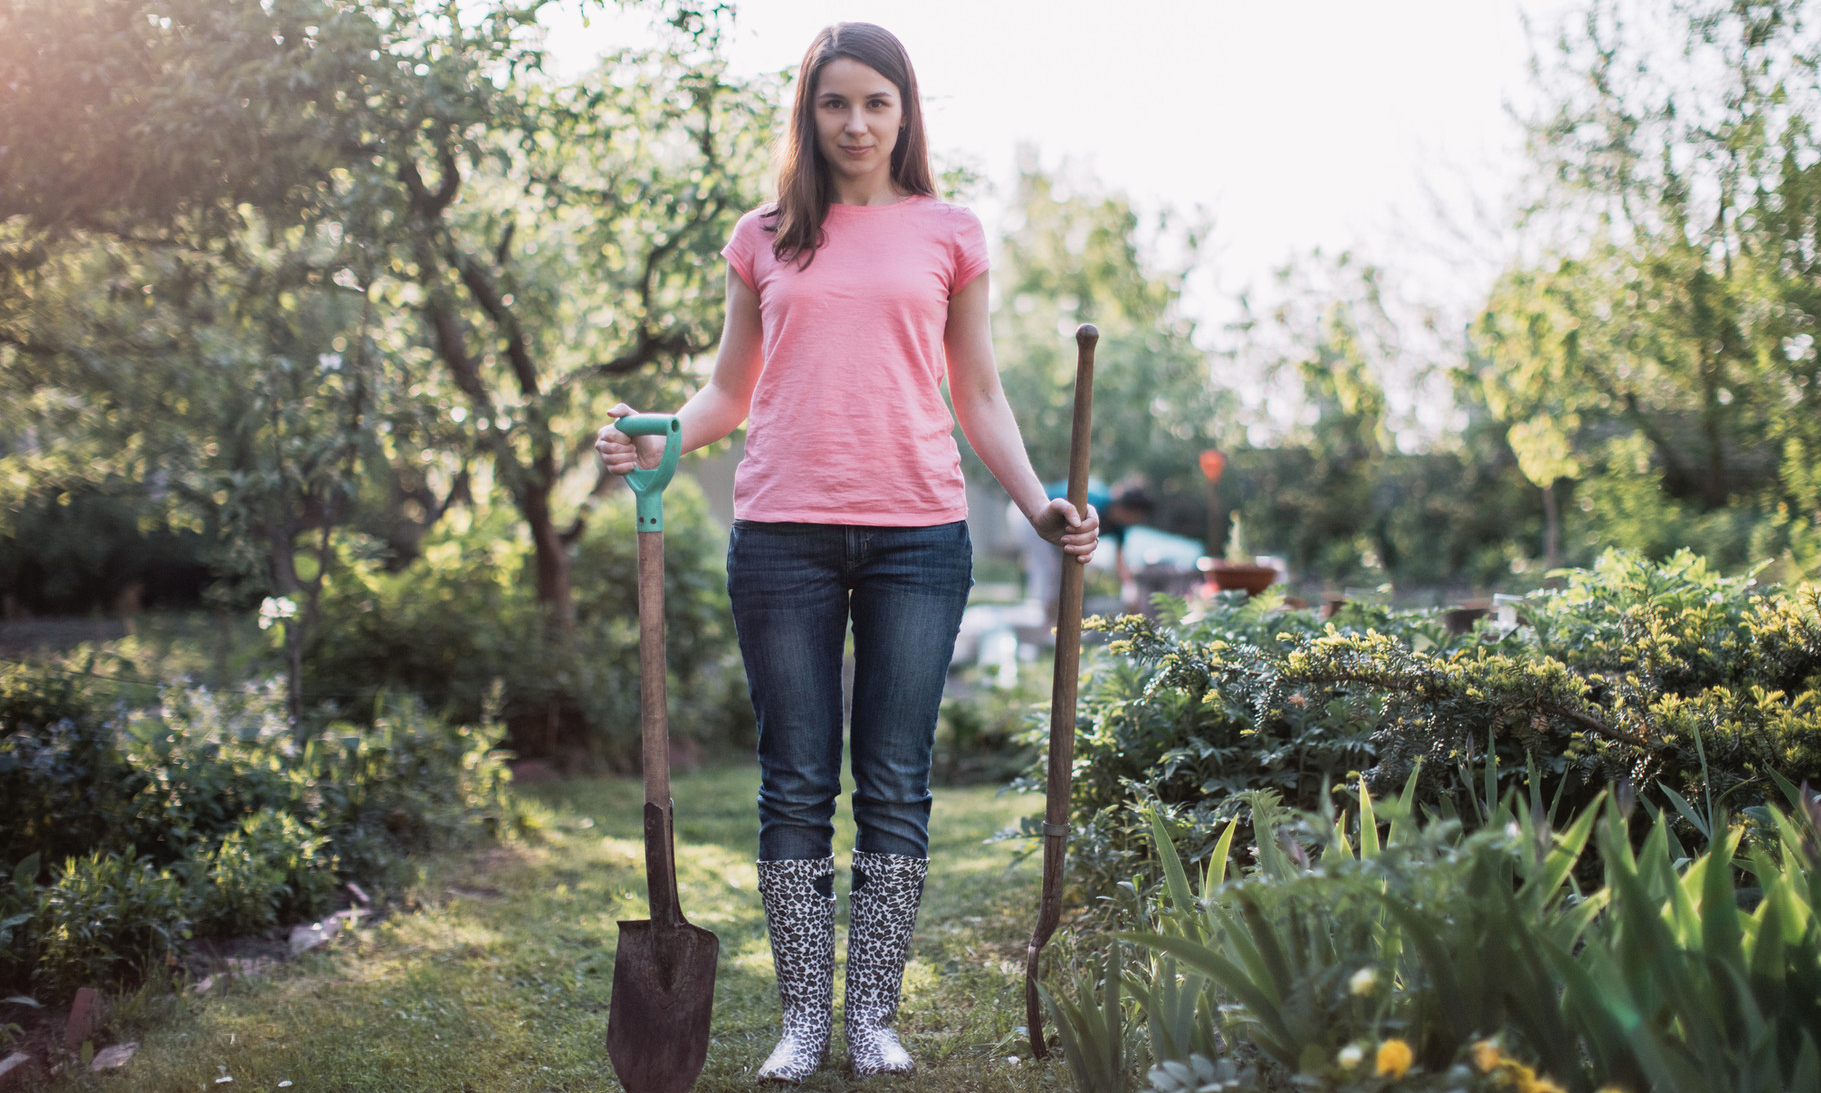 Спорт на грядке: 5 крутых упражнений с лопатой